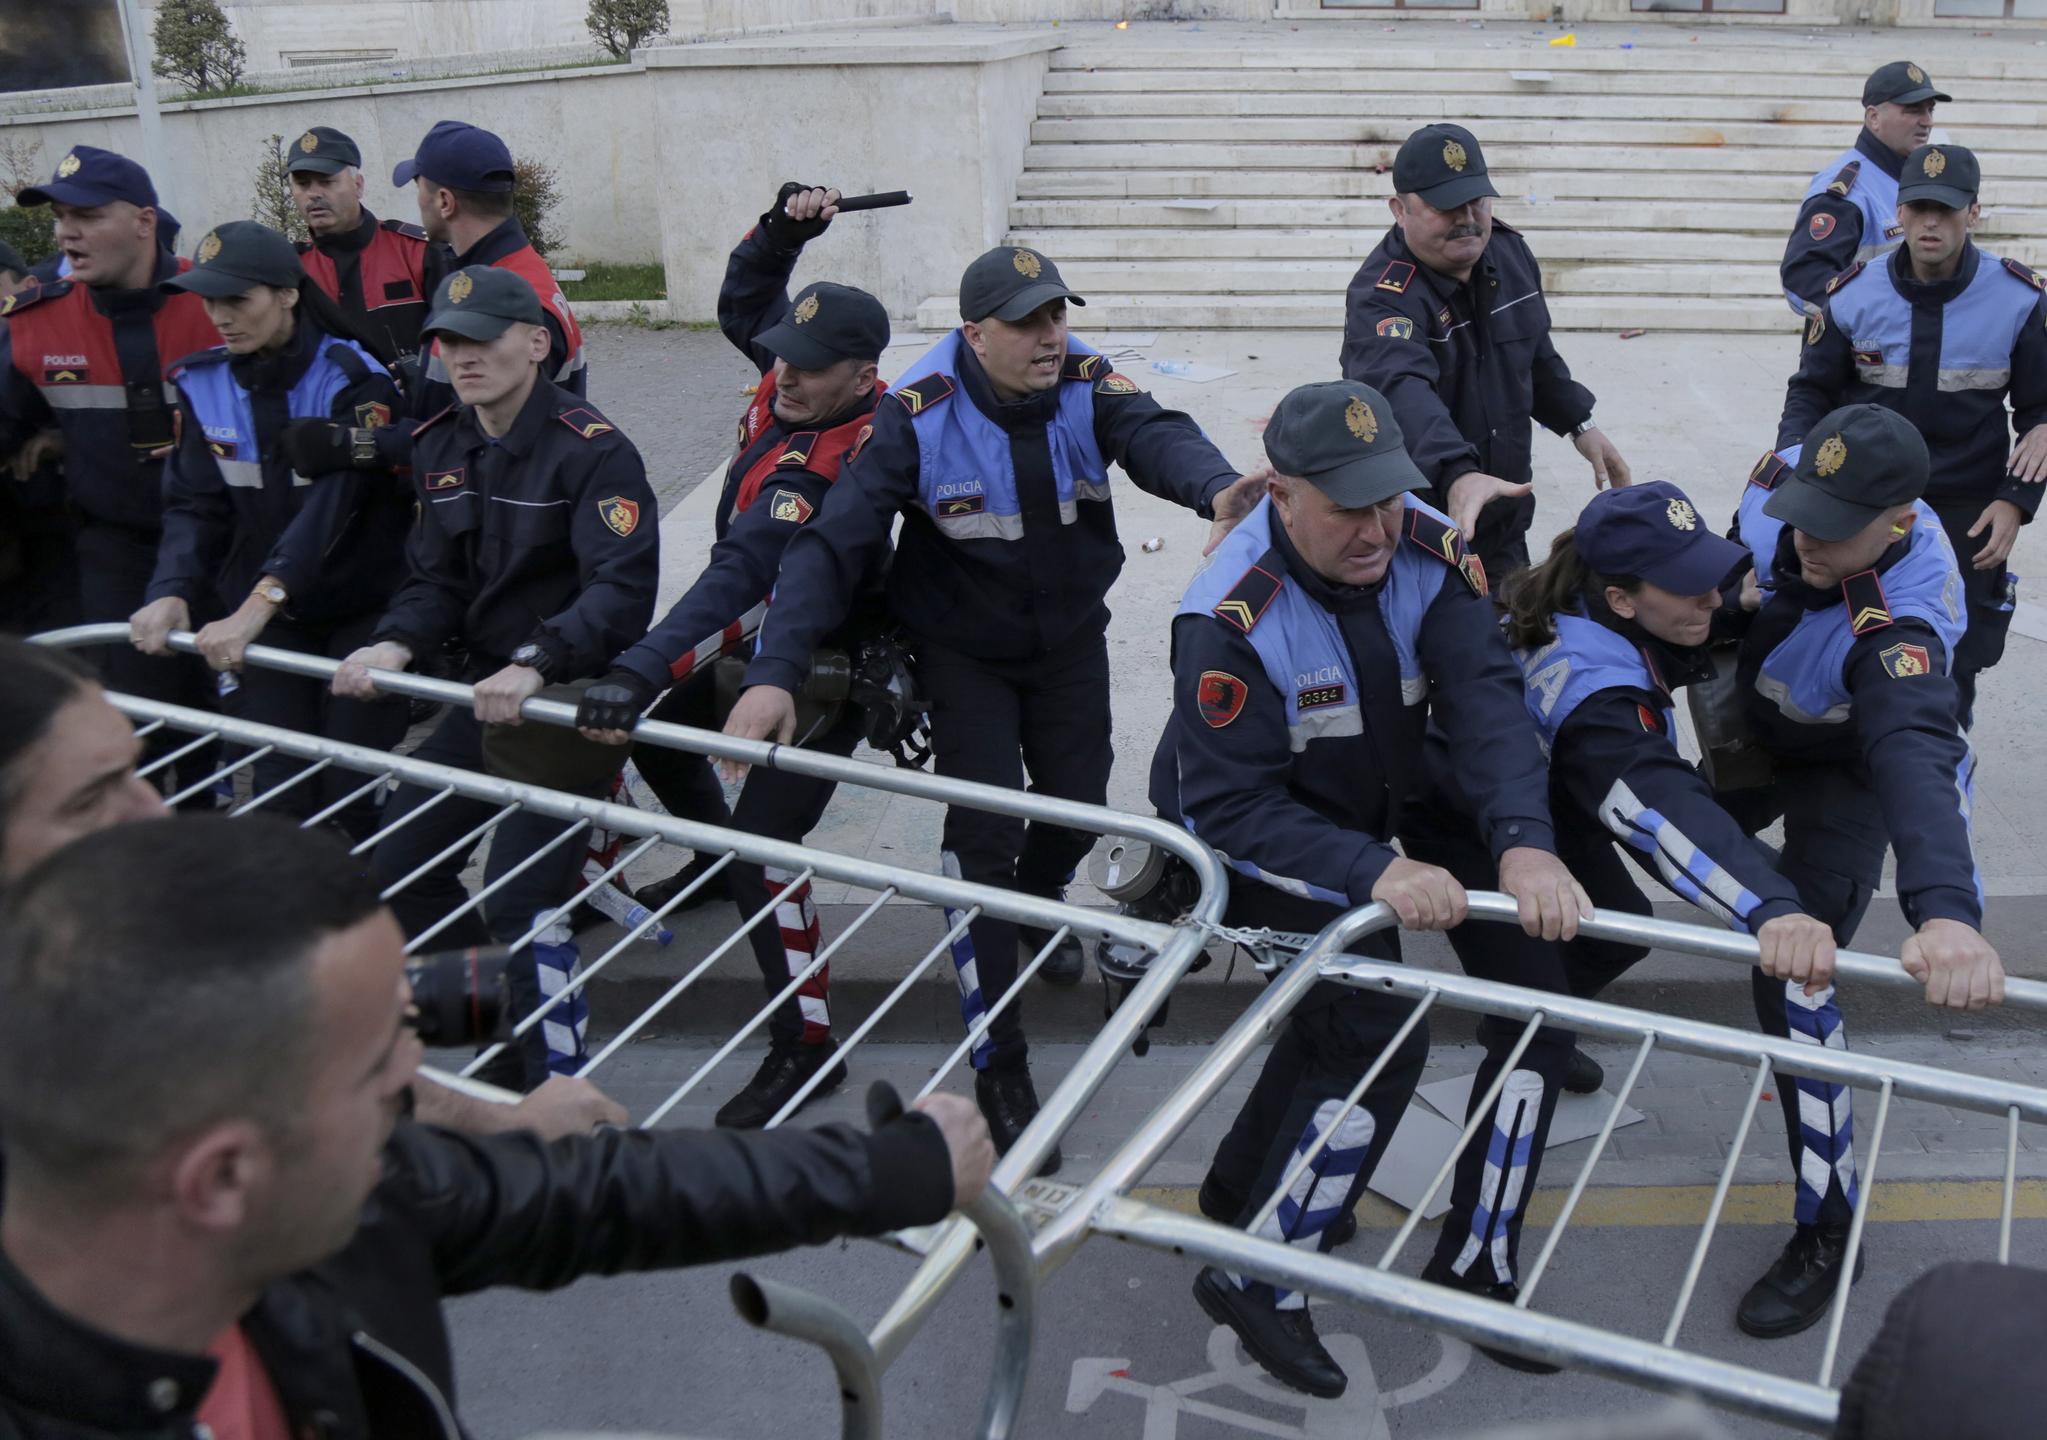 11일(현지시간) 정부 청사 앞에서 경찰들이 시위대에게 저지선으로 세워진 철제 펜스를 빼앗기지 않으려고 안간힘을 쓰고 있다. [AP=연합뉴스]